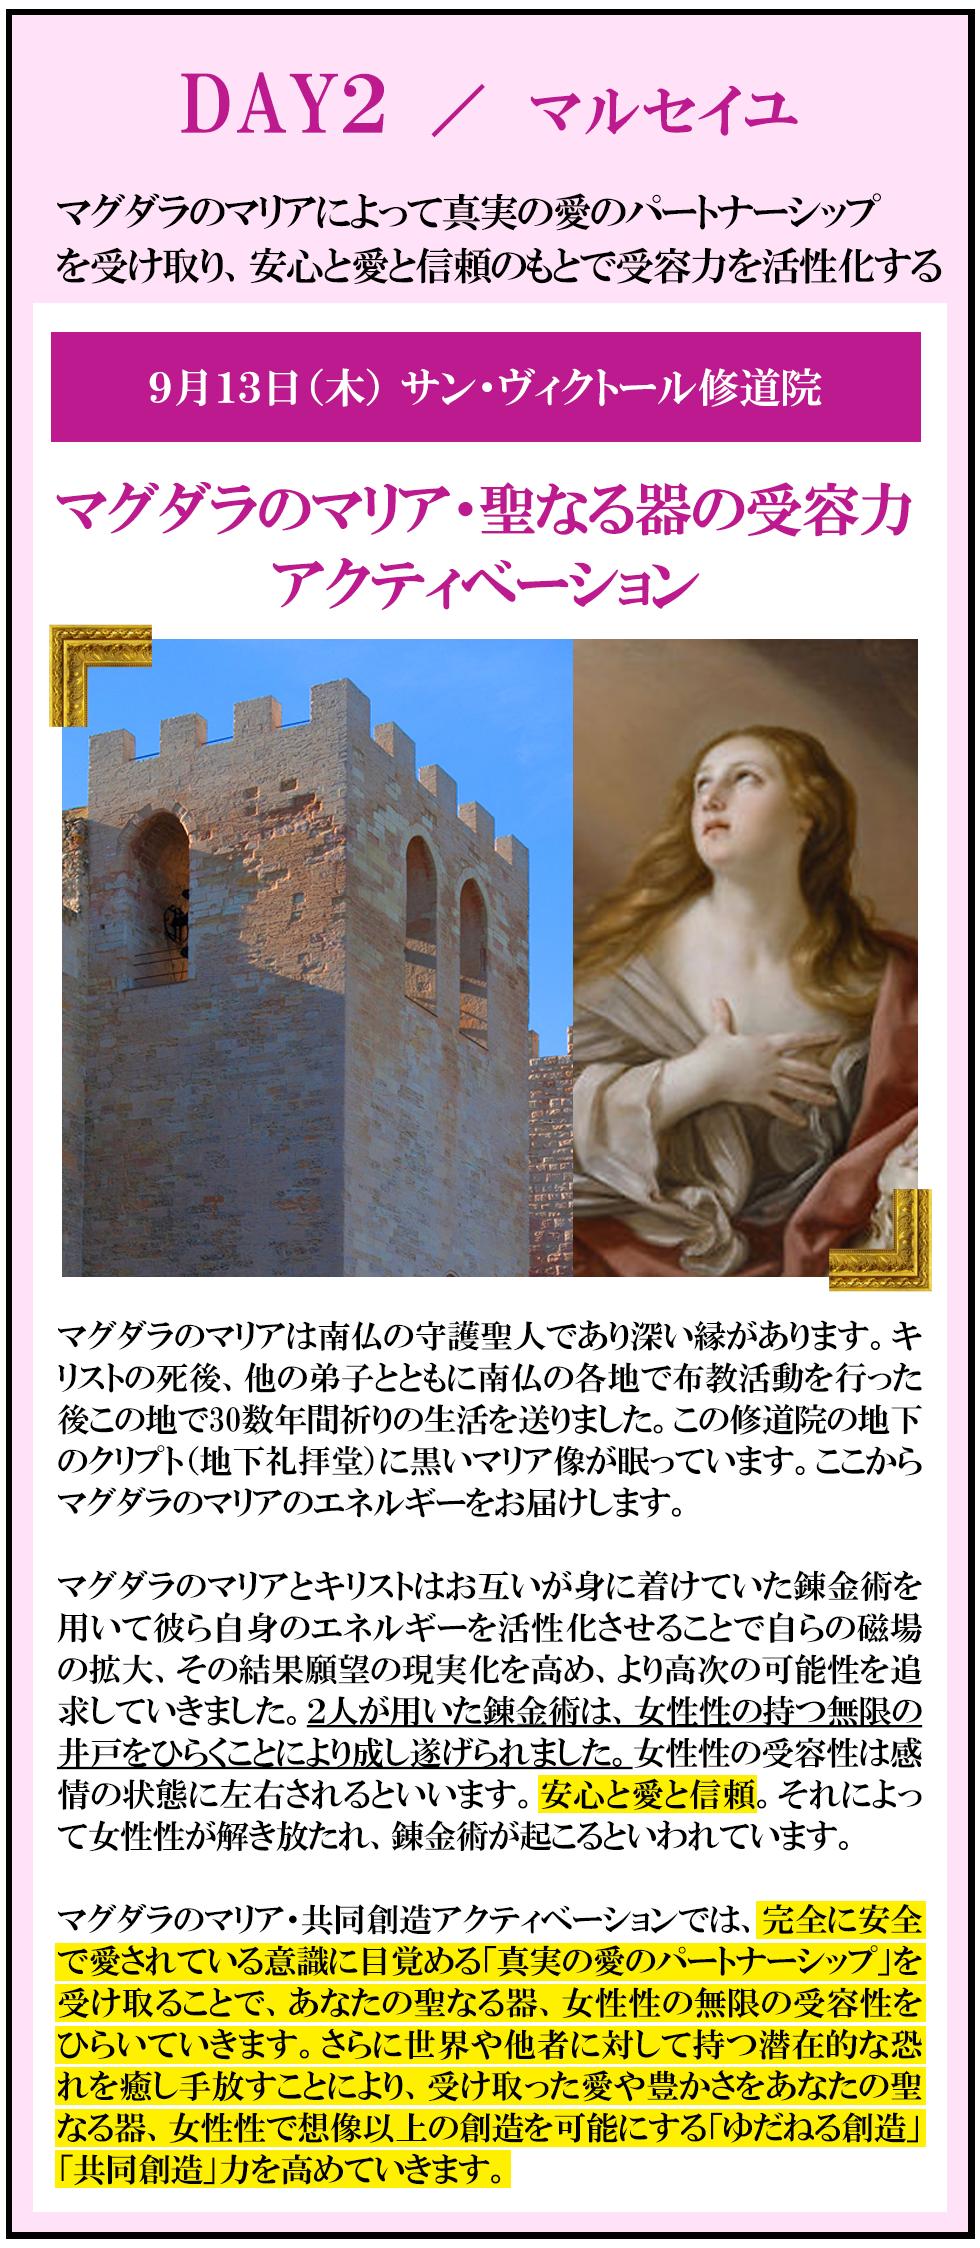 DAY2:マグダラのマリアによって真実の愛のパートナーシップを受け取り、安心と愛と信頼のもとで受容力を活性化する 9月13日(木)atサン・ヴィクトール修道院 マルセイユ マグダラのマリア・聖なる器の受容力アクティベーション         マグダラのマリアは南仏の守護聖人であり深い縁があります。キリストの死後、他の弟子とともに南仏の各地で布教活動を行った後この地で30数年間祈りの生活を送りました。この修道院の地下のクリプト(地下礼拝堂)に黒いマリア像が眠っています。ここからマグダラのマリアのエネルギーをお届けします。  マグダラのマリアとキリストはお互いが身に着けていた錬金術を用いて彼ら自身のエネルギーを活性化させることで自らの磁場の拡大、その結果願望の現実化を高め、より高次の可能性を追求していきました。2人が用いた錬金術は、女性性の持つ無限の井戸をひらくことにより成し遂げられました。女性性の受容性は感情の状態に左右されるといいます。安心と愛と信頼。それによって女性性が解き放たれ、錬金術が起こるといわれています。  マグダラのマリア・共同創造アクティベーションでは、完全に安全で愛されている意識に目覚める「真実の愛のパートナーシップ」を受け取ることで、あなたの聖なる器、女性性の無限の受容性をひらいていきます。さらに世界や他者に対して持つ潜在的な恐れを癒し手放すことにより、受け取った愛や豊かさをあなたの聖なる器、女性性で想像以上の創造を可能にする「ゆだねる創造」「共同創造」力を高めていきます。